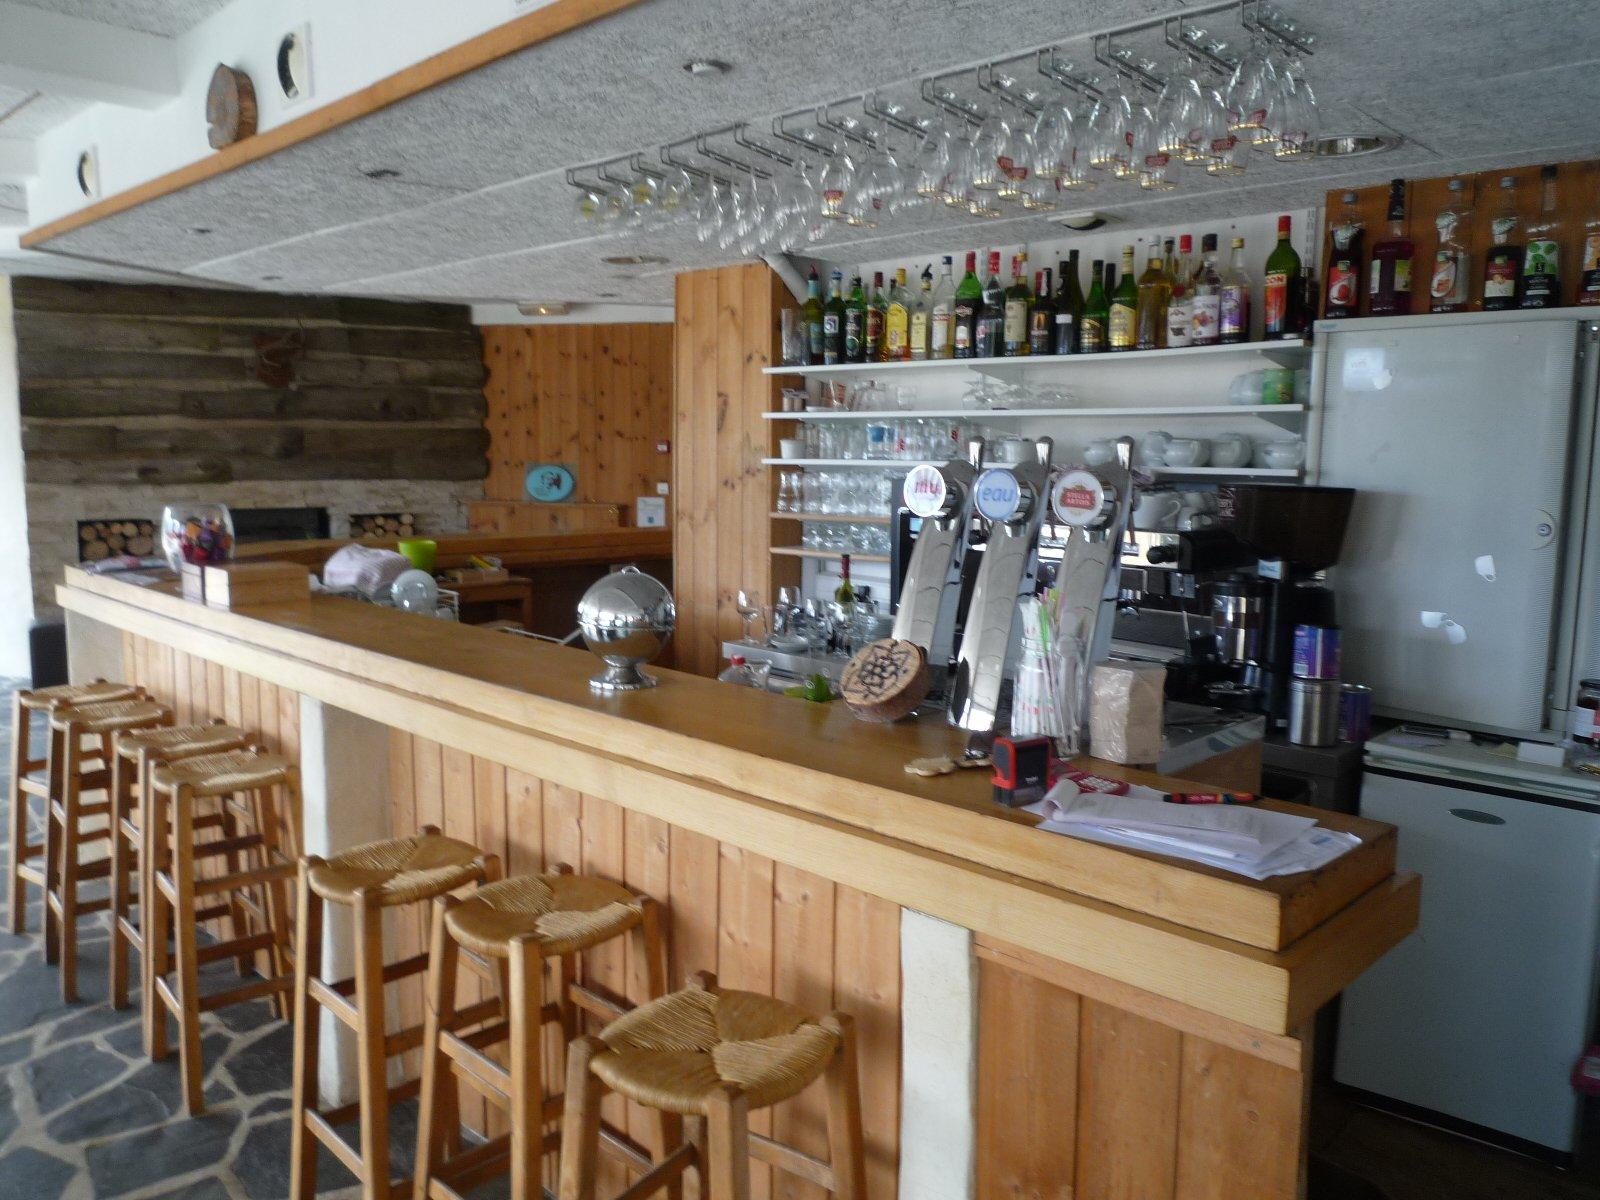 Vente Hôtel, gite, restaurant, bar et  complexe sportif avec spa et salle de séminaire de 98 chambres à Le Bleymard (48190)